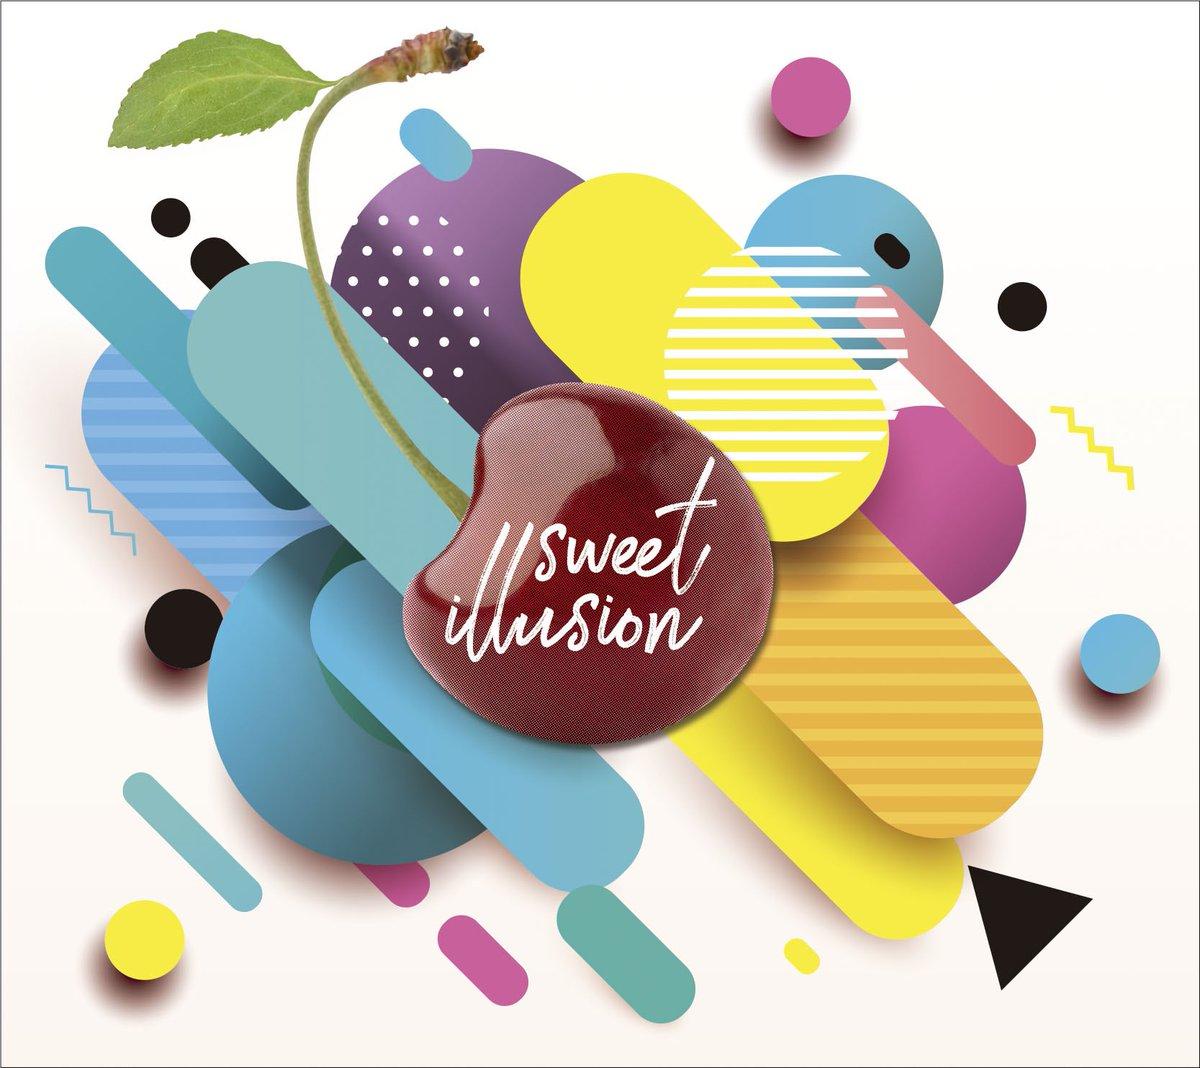 Koochewsen - Sweet Illusion album